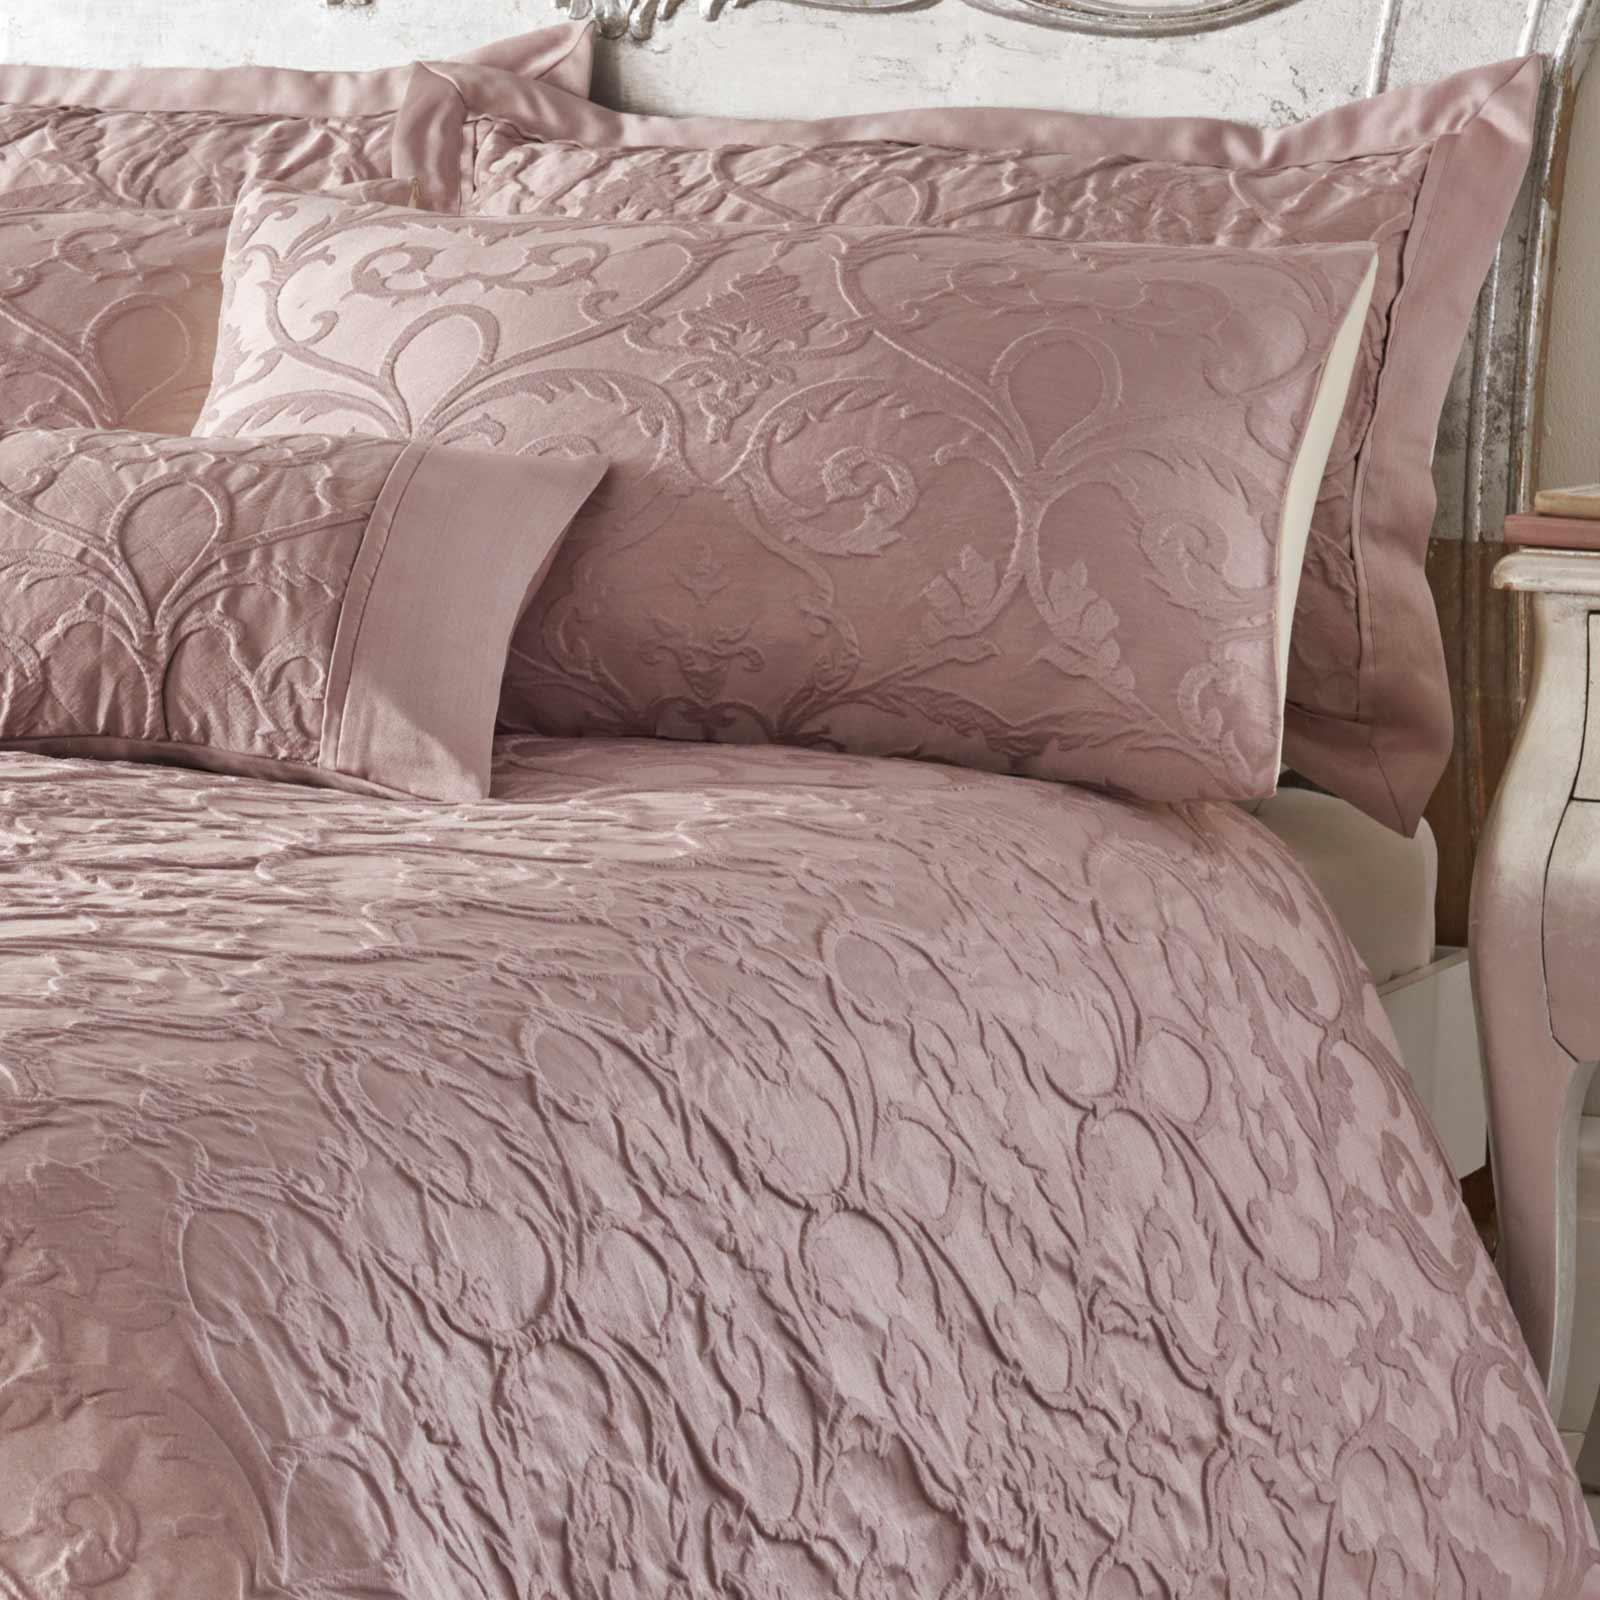 Blush-fundas-nordicas-Rosa-con-Textura-Jacquard-Edredon-Cubierta-de-Lujo-Coleccion-de-ropa-de-cama miniatura 8